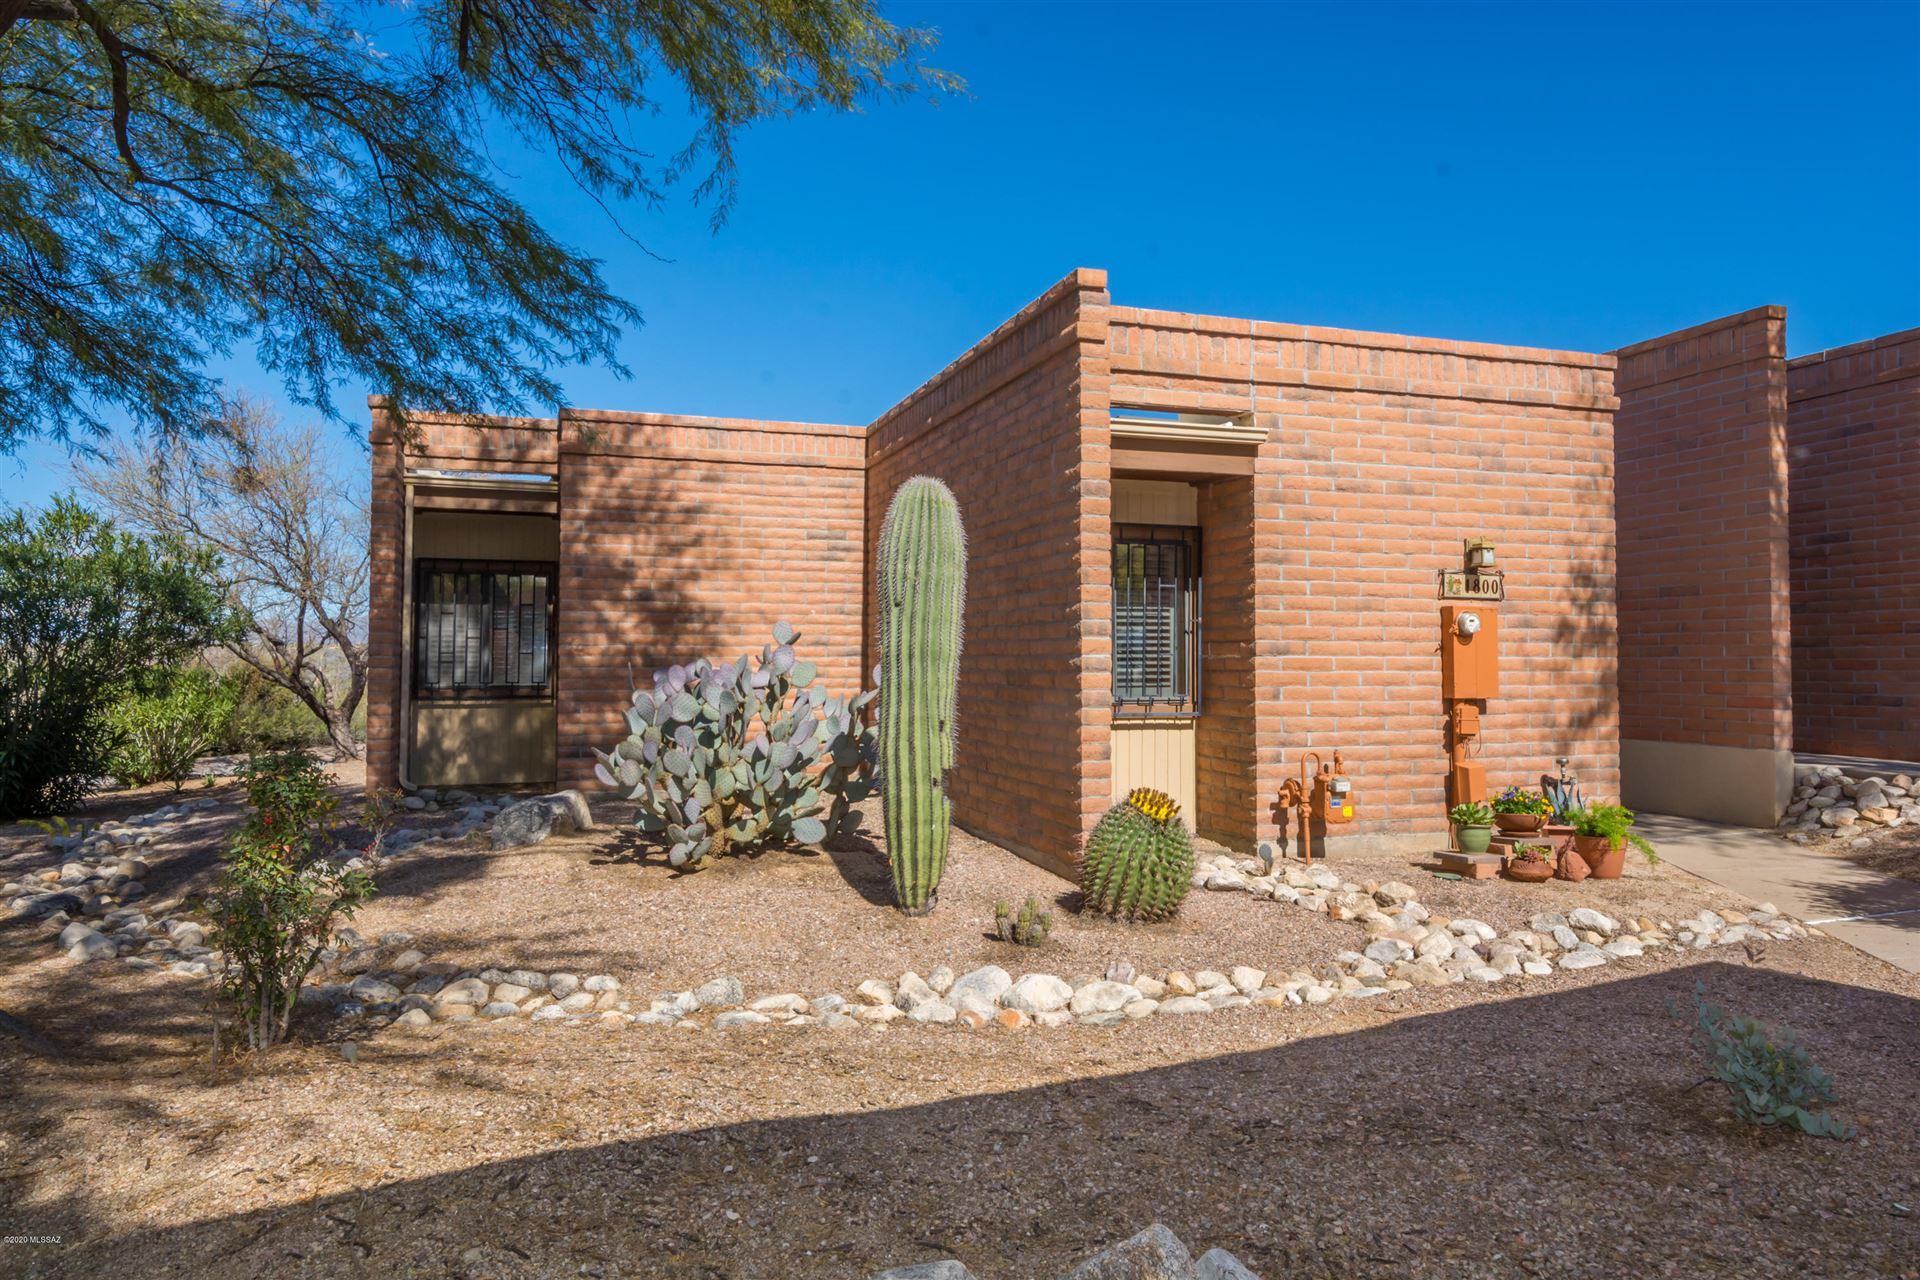 1800 W Dalehaven Circle, Tucson, AZ 85704 - MLS#: 22005639